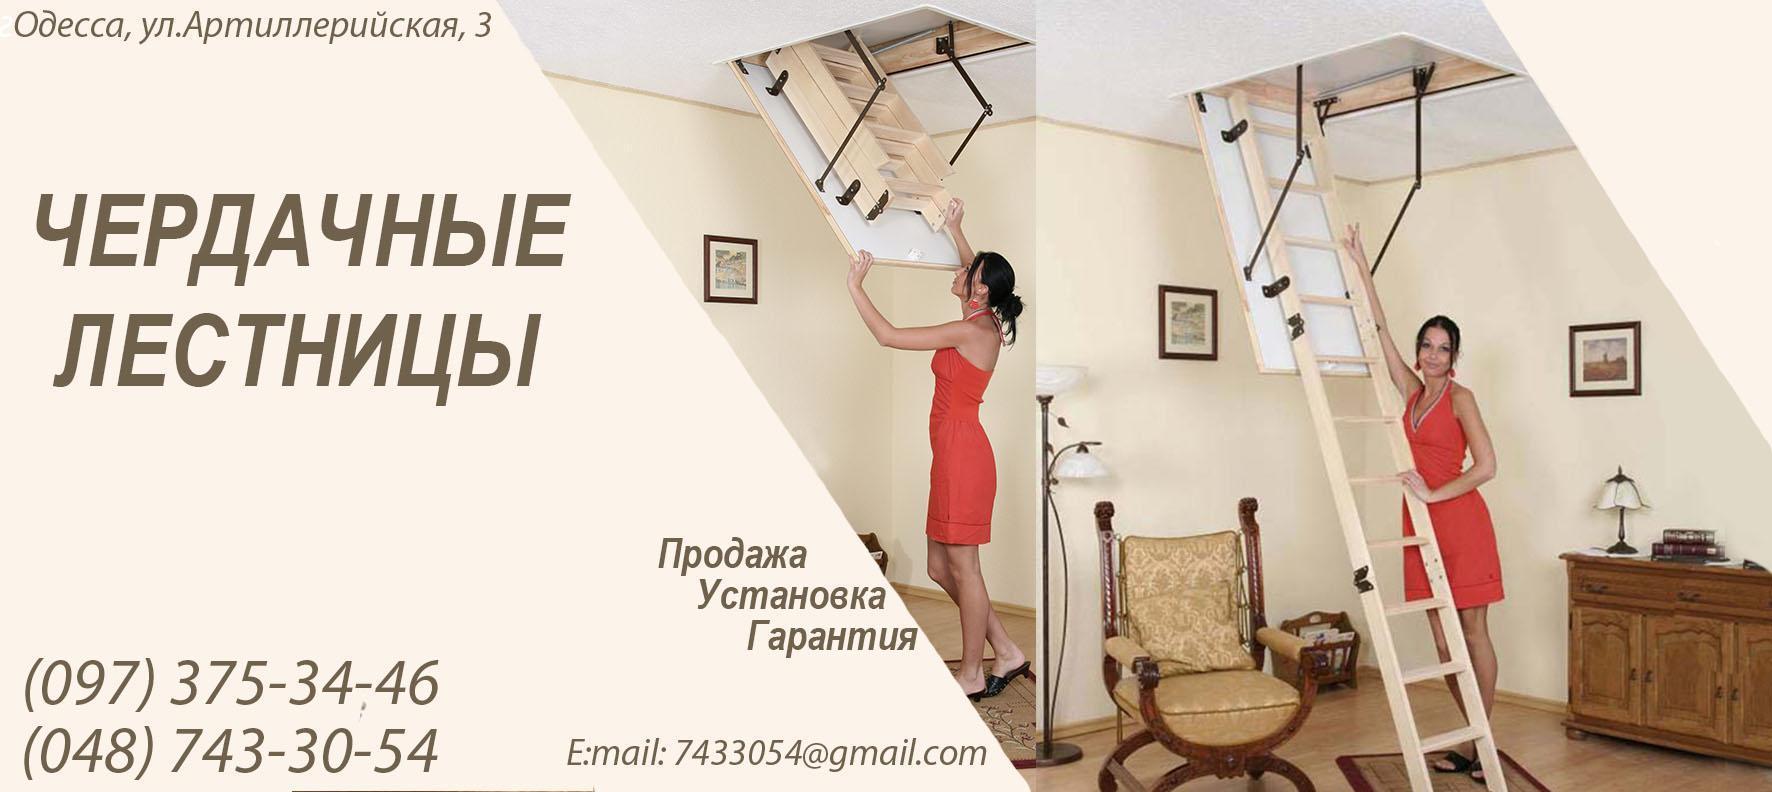 чердачные лестницы Одесса